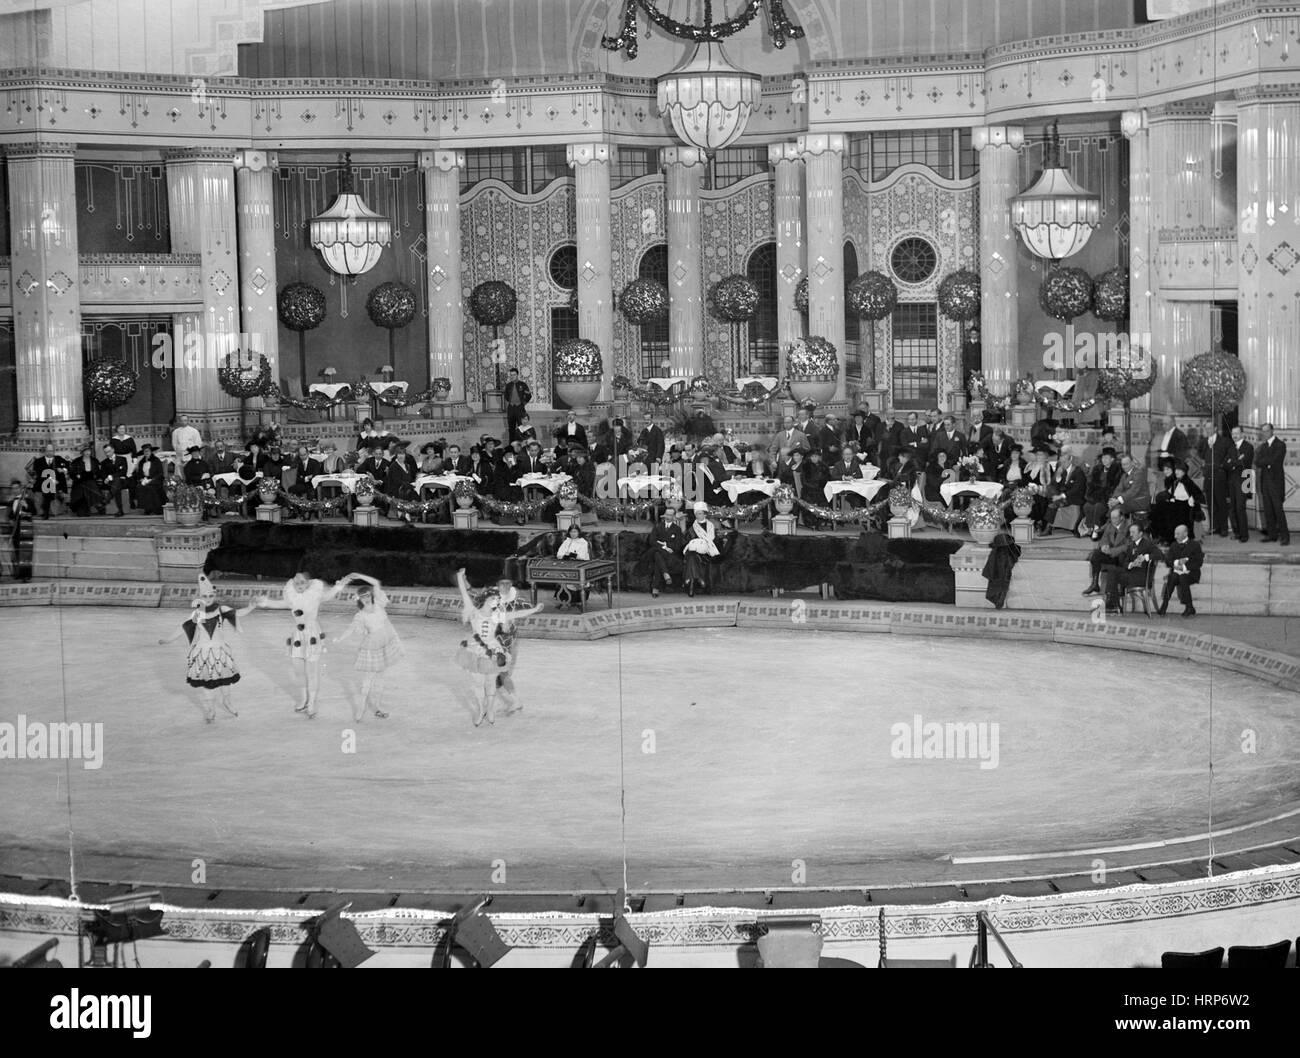 NYC, Hippodrome Theatre, 1915-20 - Stock Image